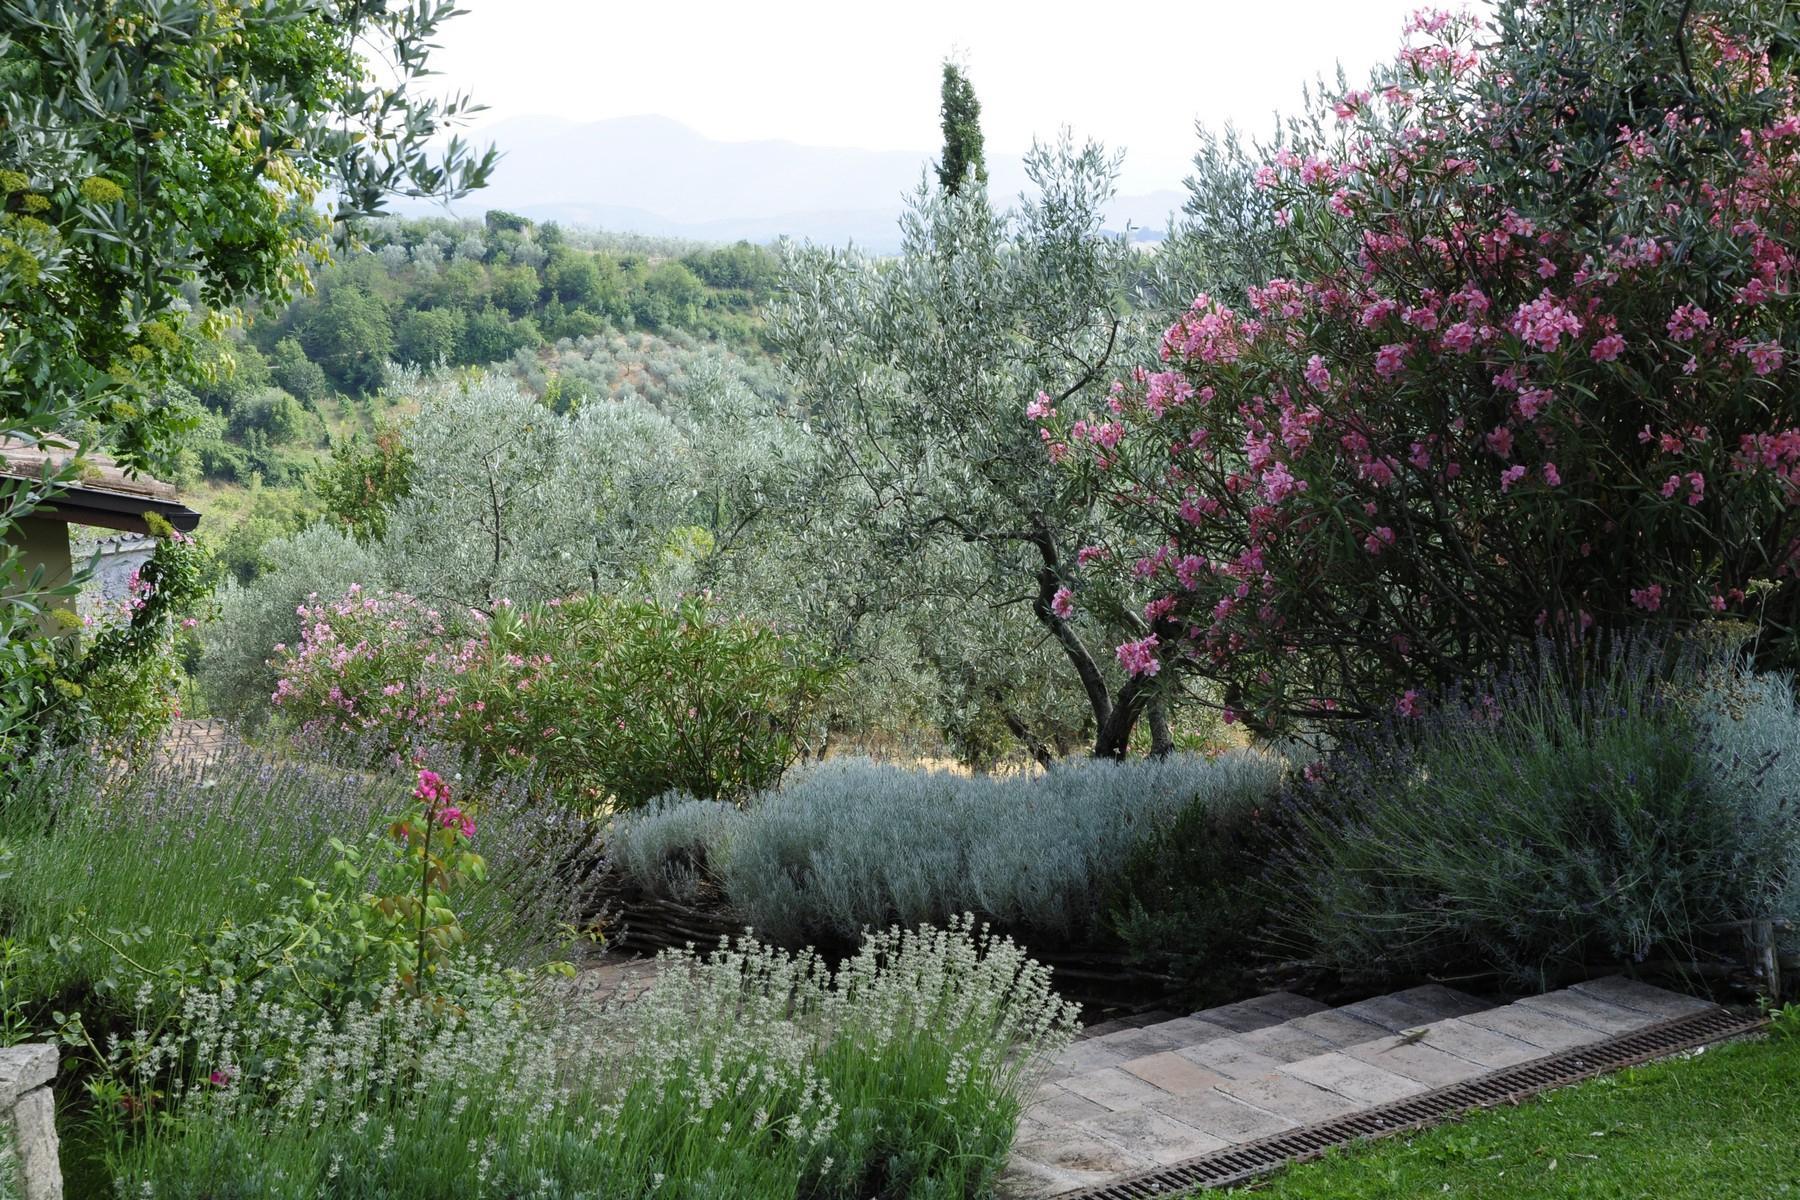 中世纪村庄Oliveto山顶上的雄壮宫殿 - 26